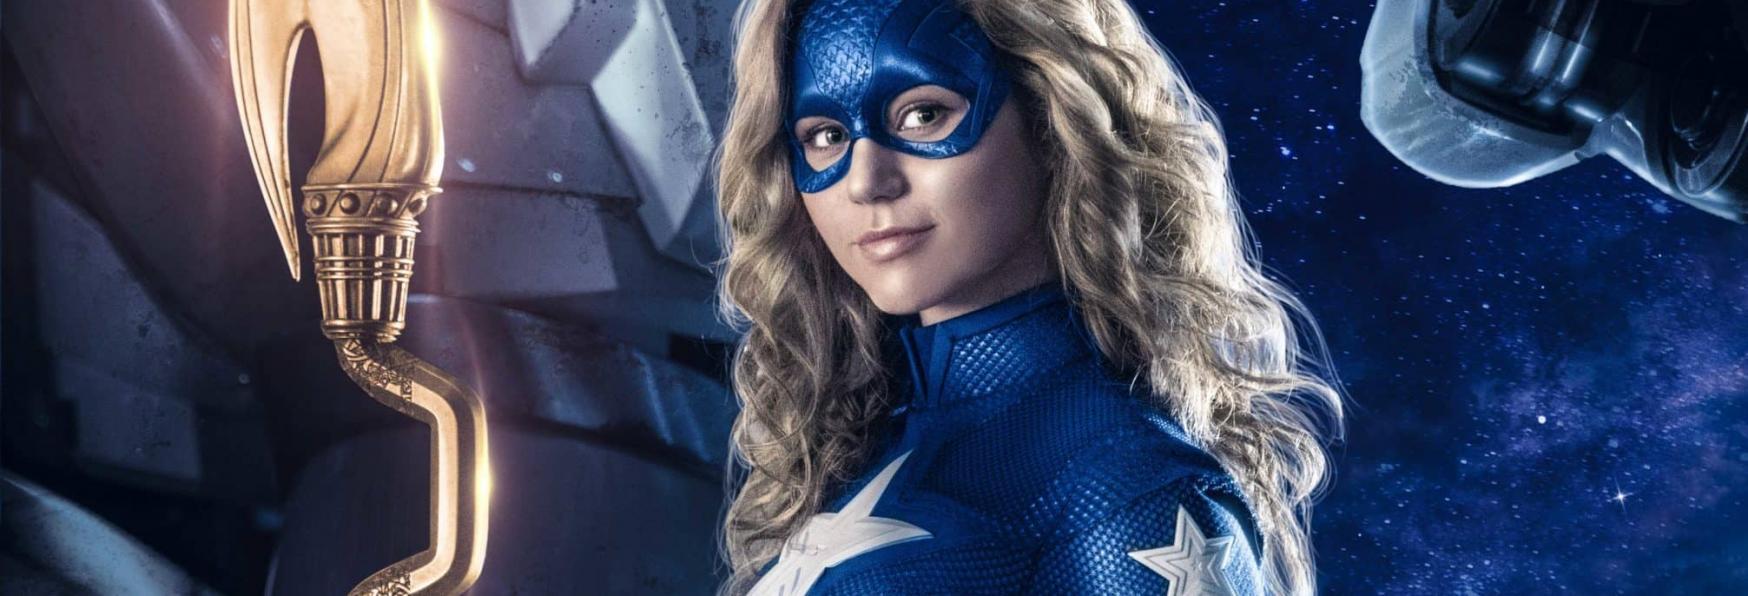 Stargirl: in arrivo la nuova Serie TV di Supereroi. Tutte le Informazioni Note